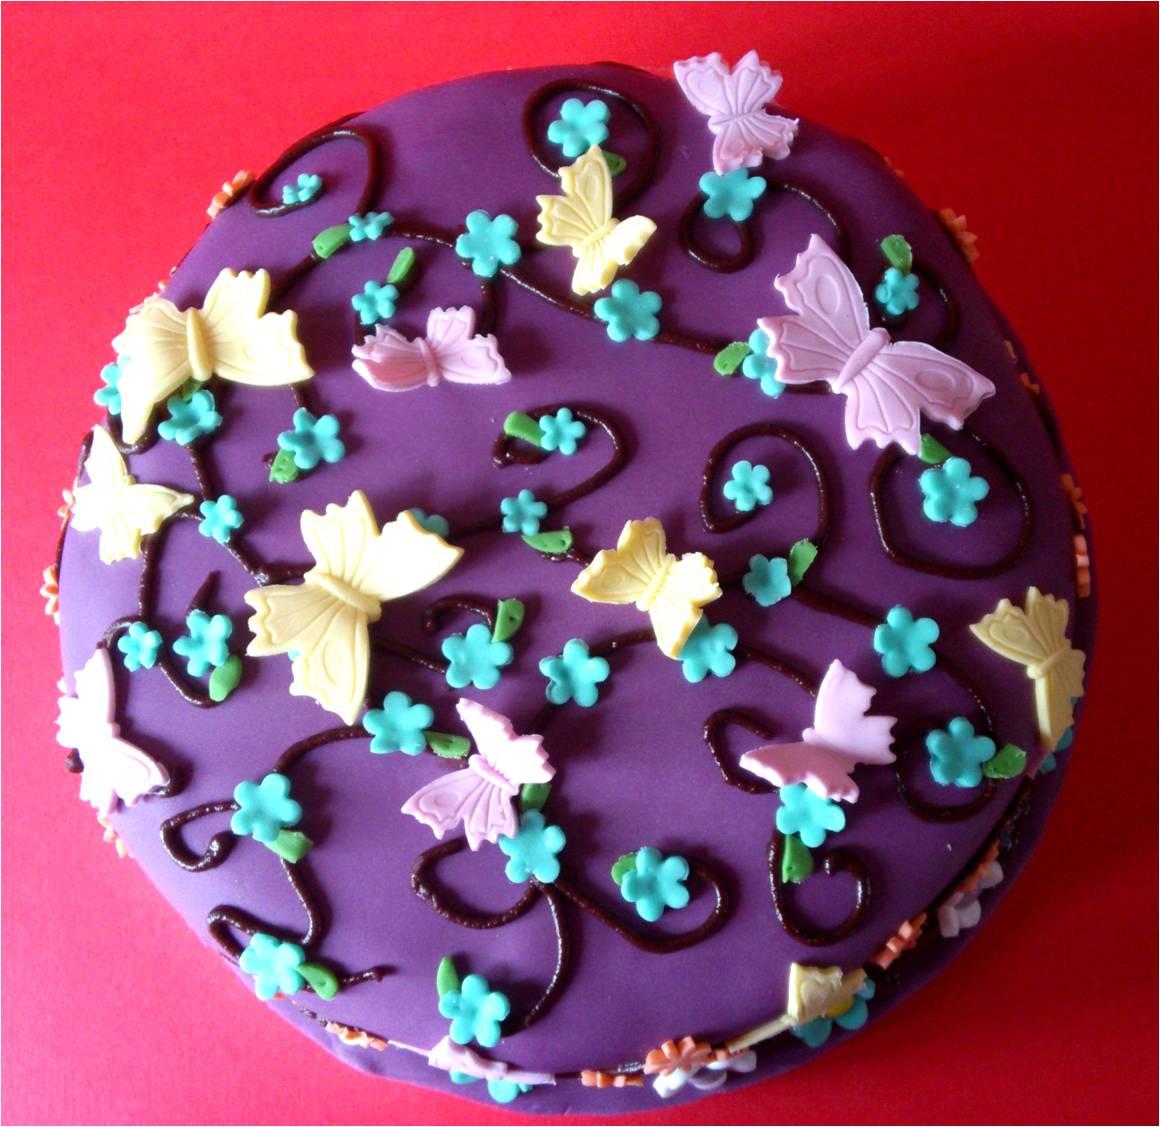 A Very Girlie Chocolate Birthday Cake Utterly Scrummy